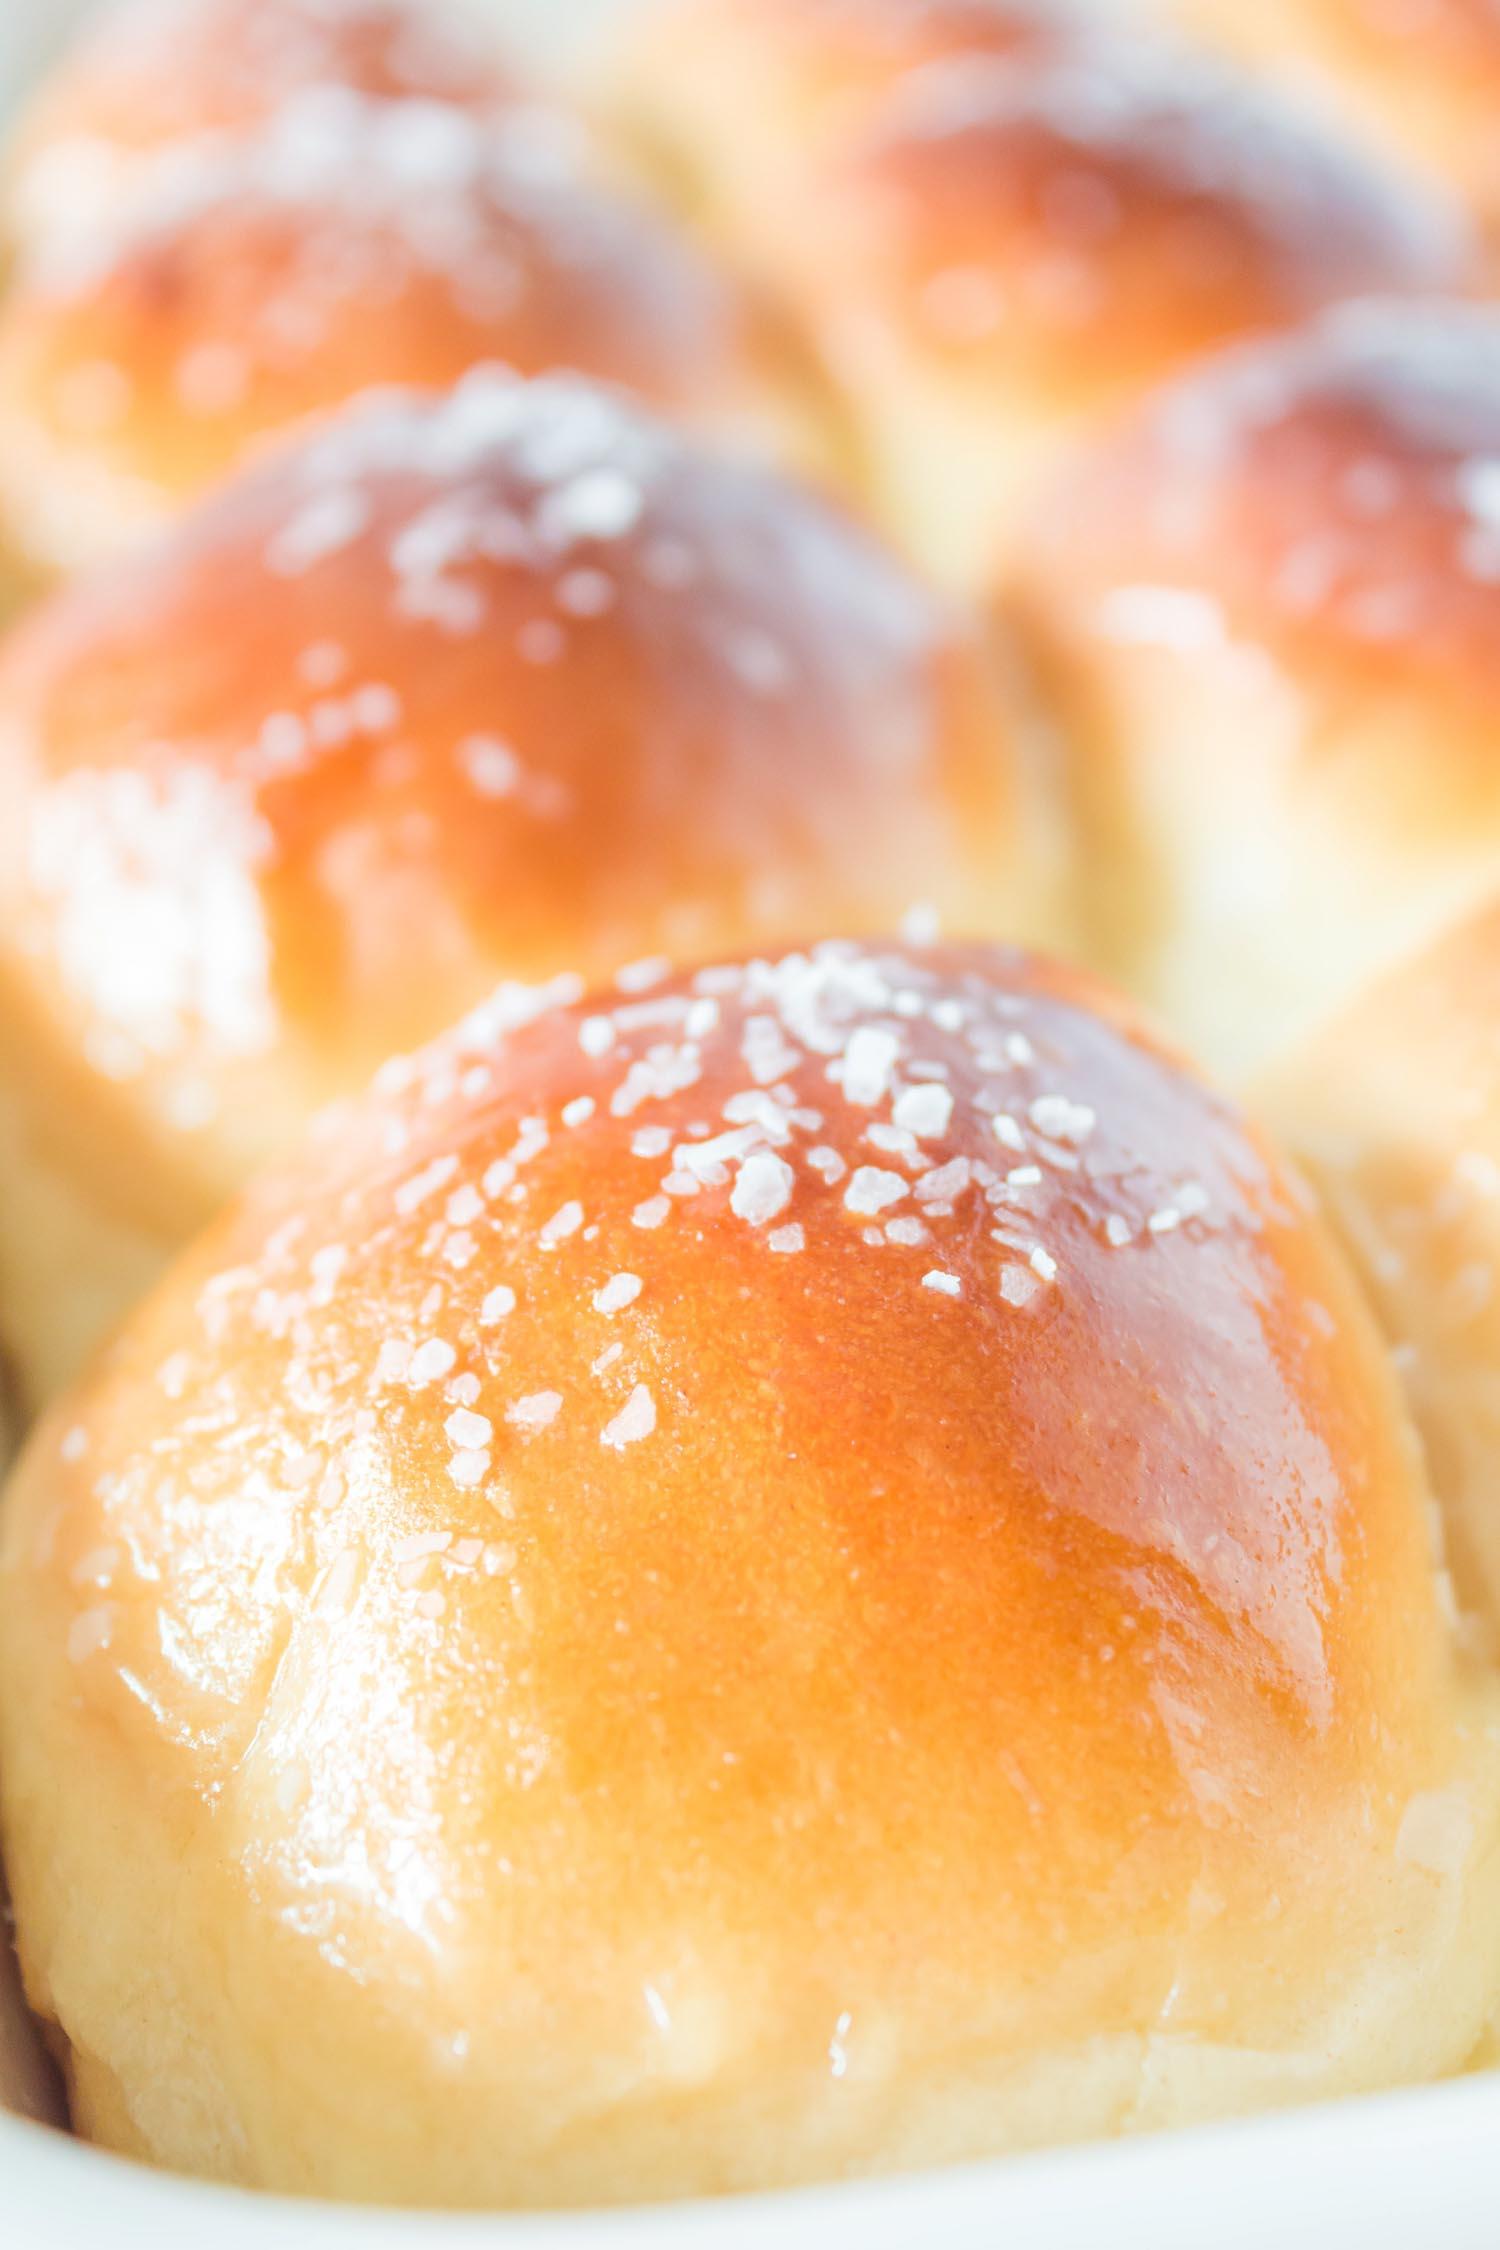 A closeup of buttered, salted dinner rolls